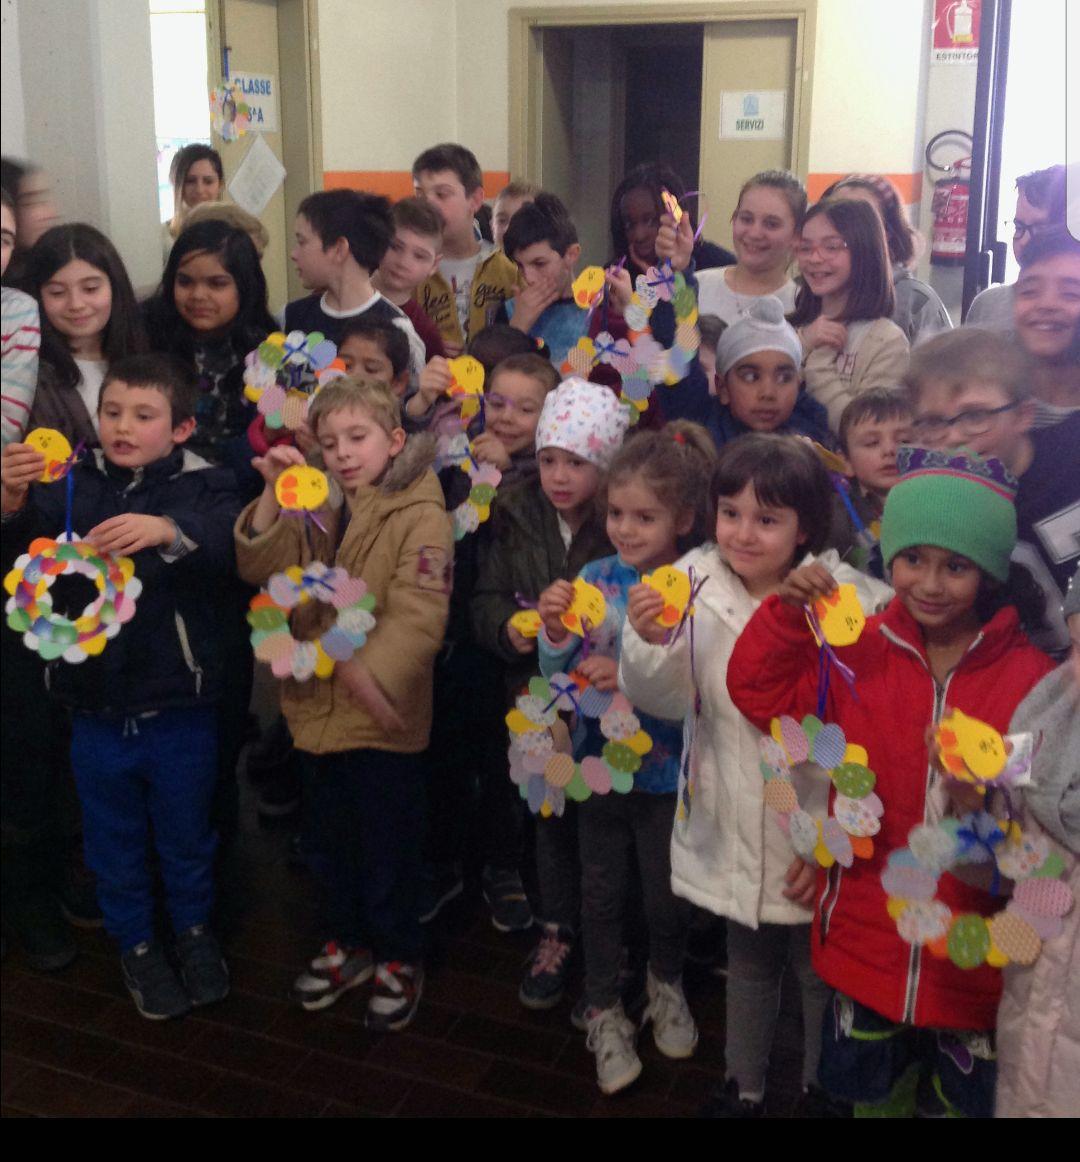 Che bella sorpresa: gli amici della scuola primaria ci hanno regalato una ghirlanda per augurare Buona Pasqua!!!!